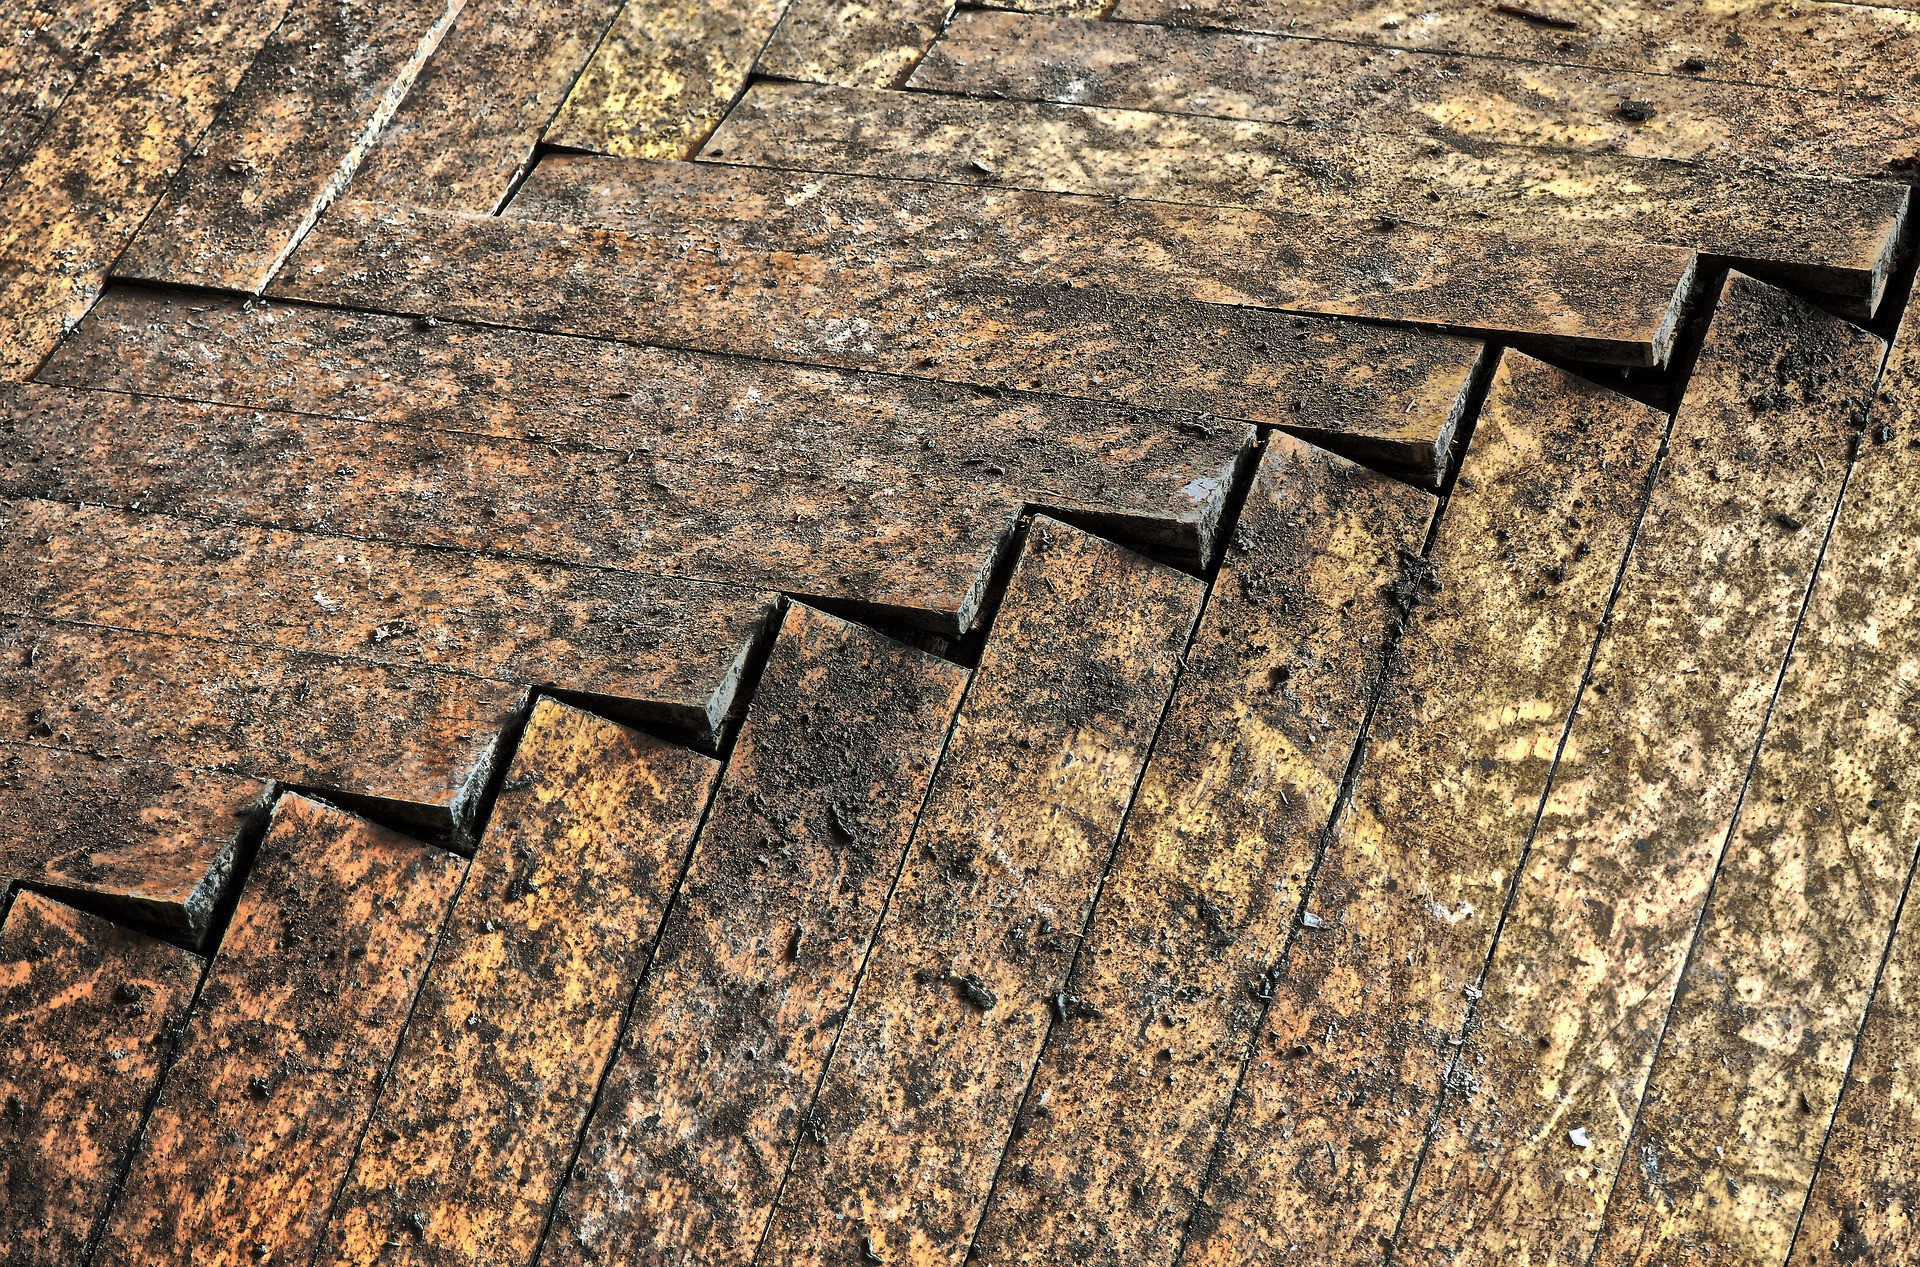 Du Chêne à motifs Bâtons Rompus